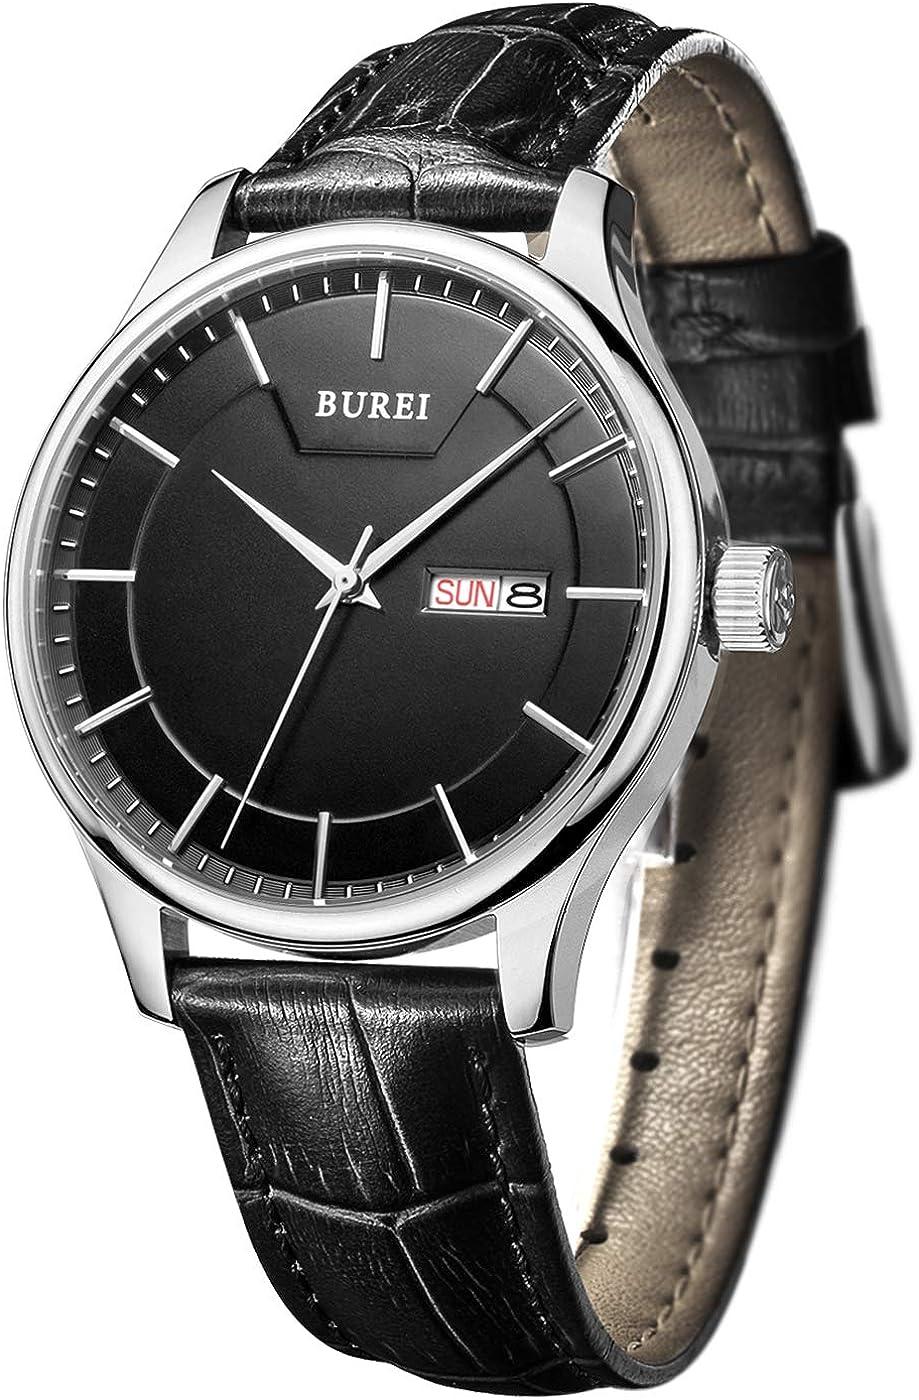 BUREI Relojes para Hombres Reloj de Pulsera clásico de Cuarzo preciso con Calendario de día y Fecha Correa de Cuero auténtico y Correa de Acero Inoxidable